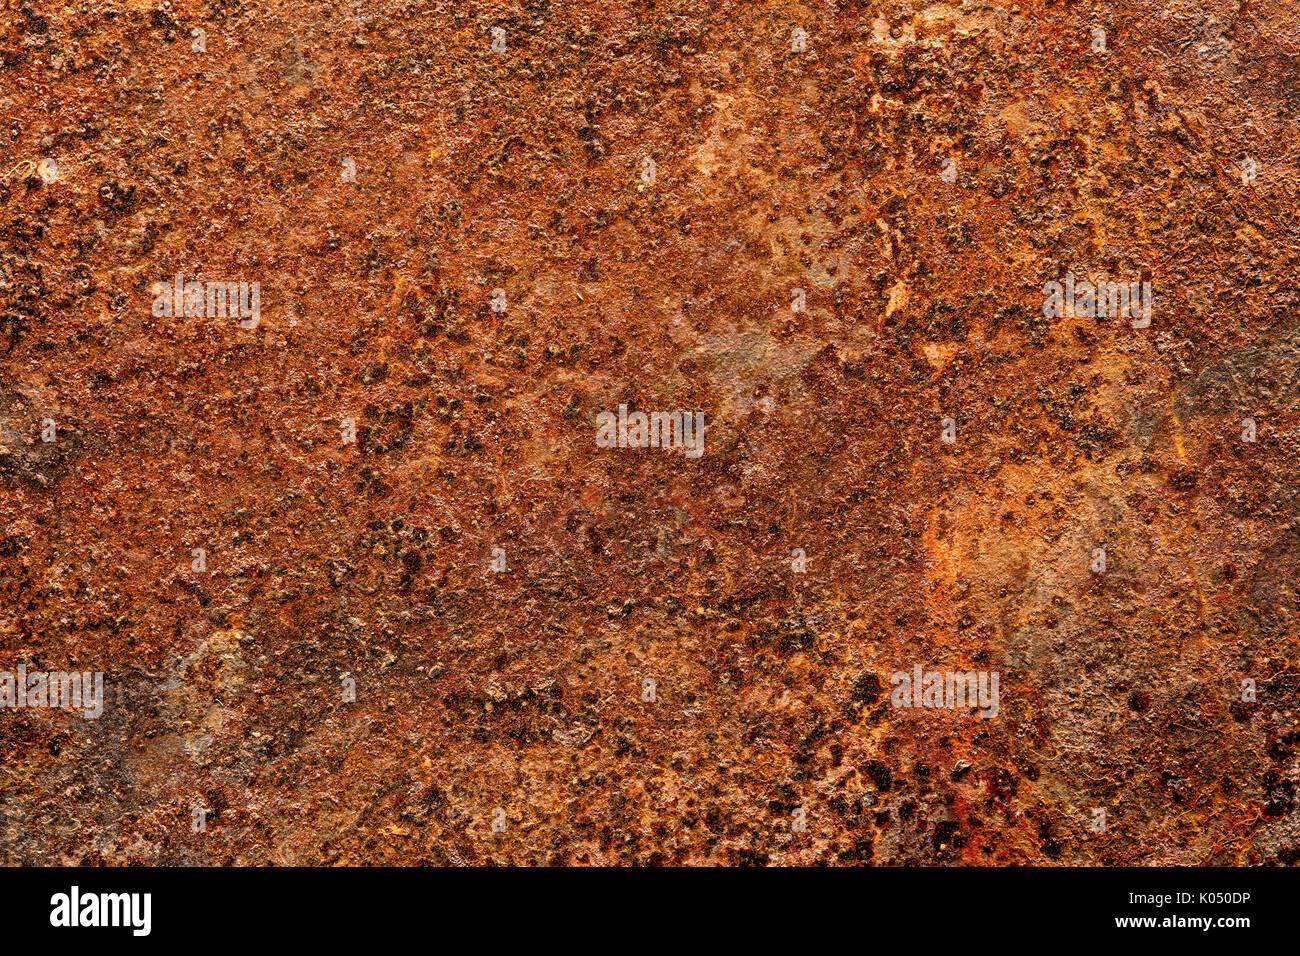 Grunge fuertemente oxidadas láminas de metal la textura del fondo Imagen De Stock